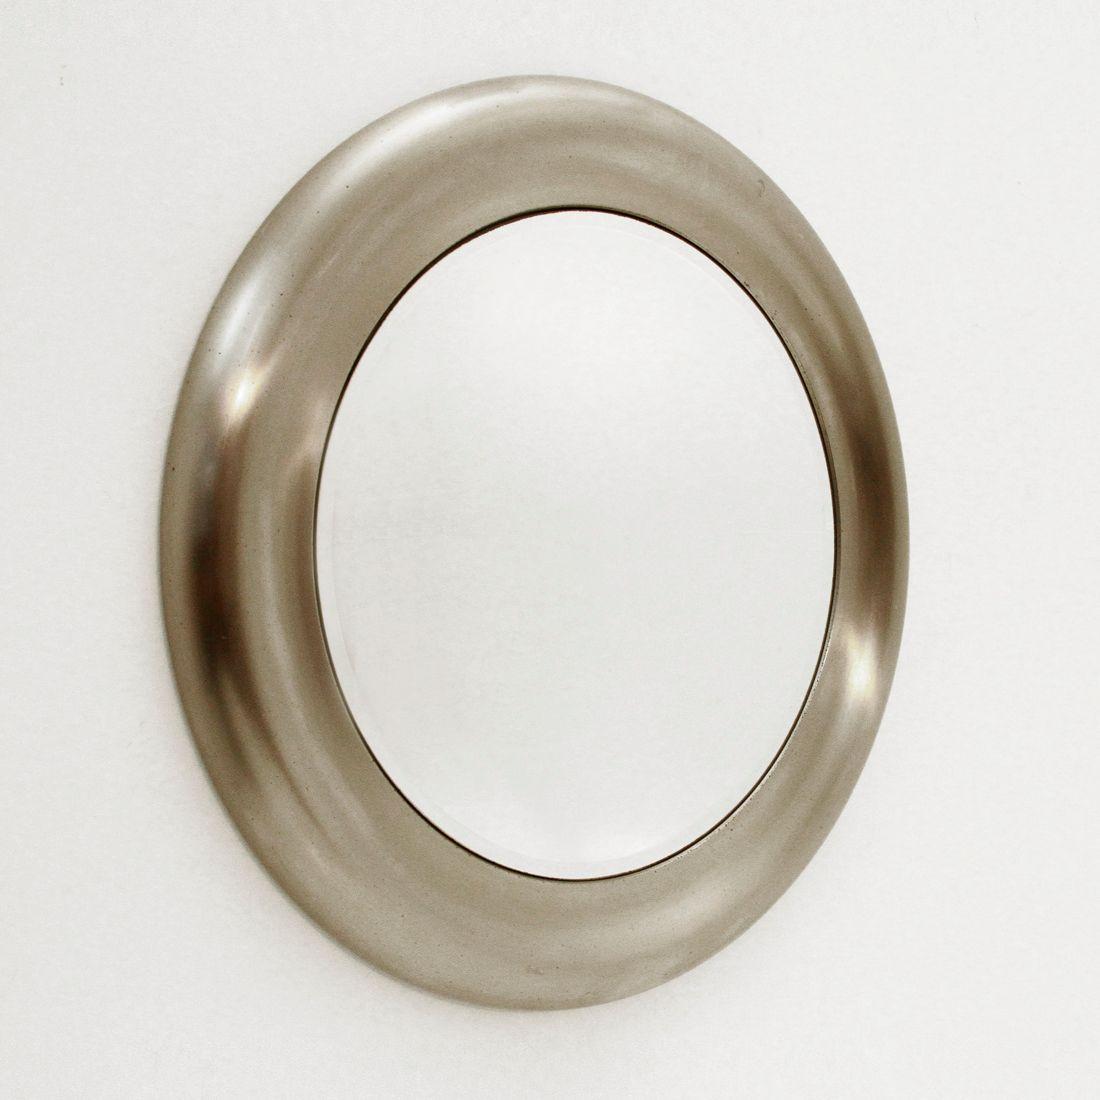 Italian circular brushed metal mirror 1970s for sale at for Metal miroir